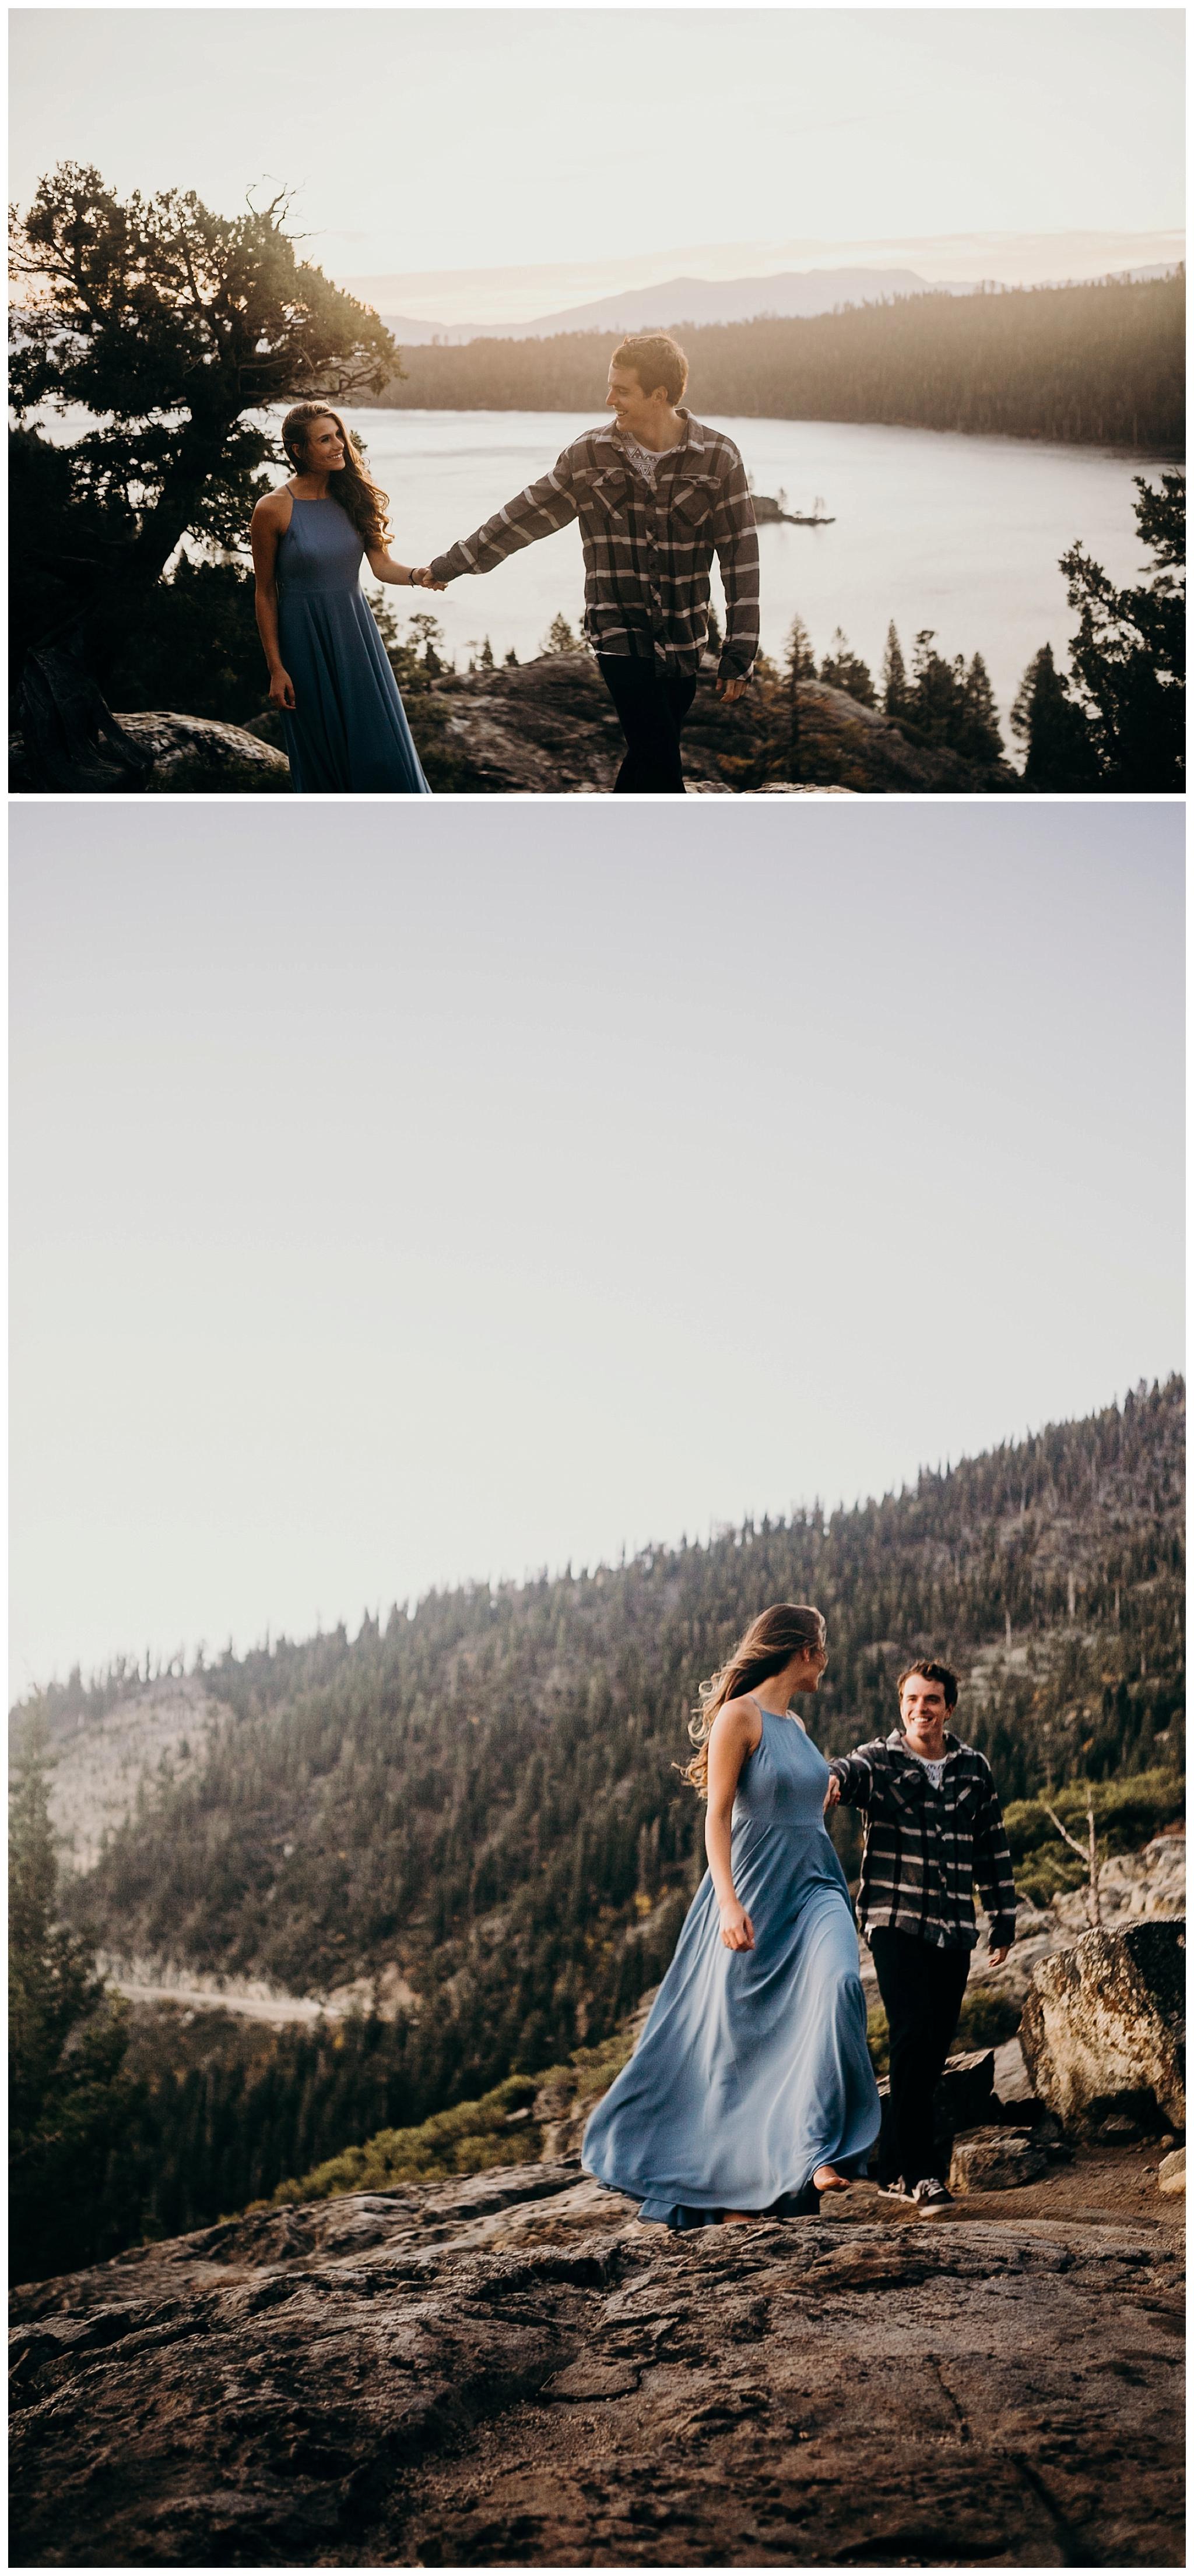 lake tahoe lifestyle photography - lake tahoe engagement photographer - lake tahoe elopement photographer - lake tahoe photographer - south lake tahoe photography-2.jpg